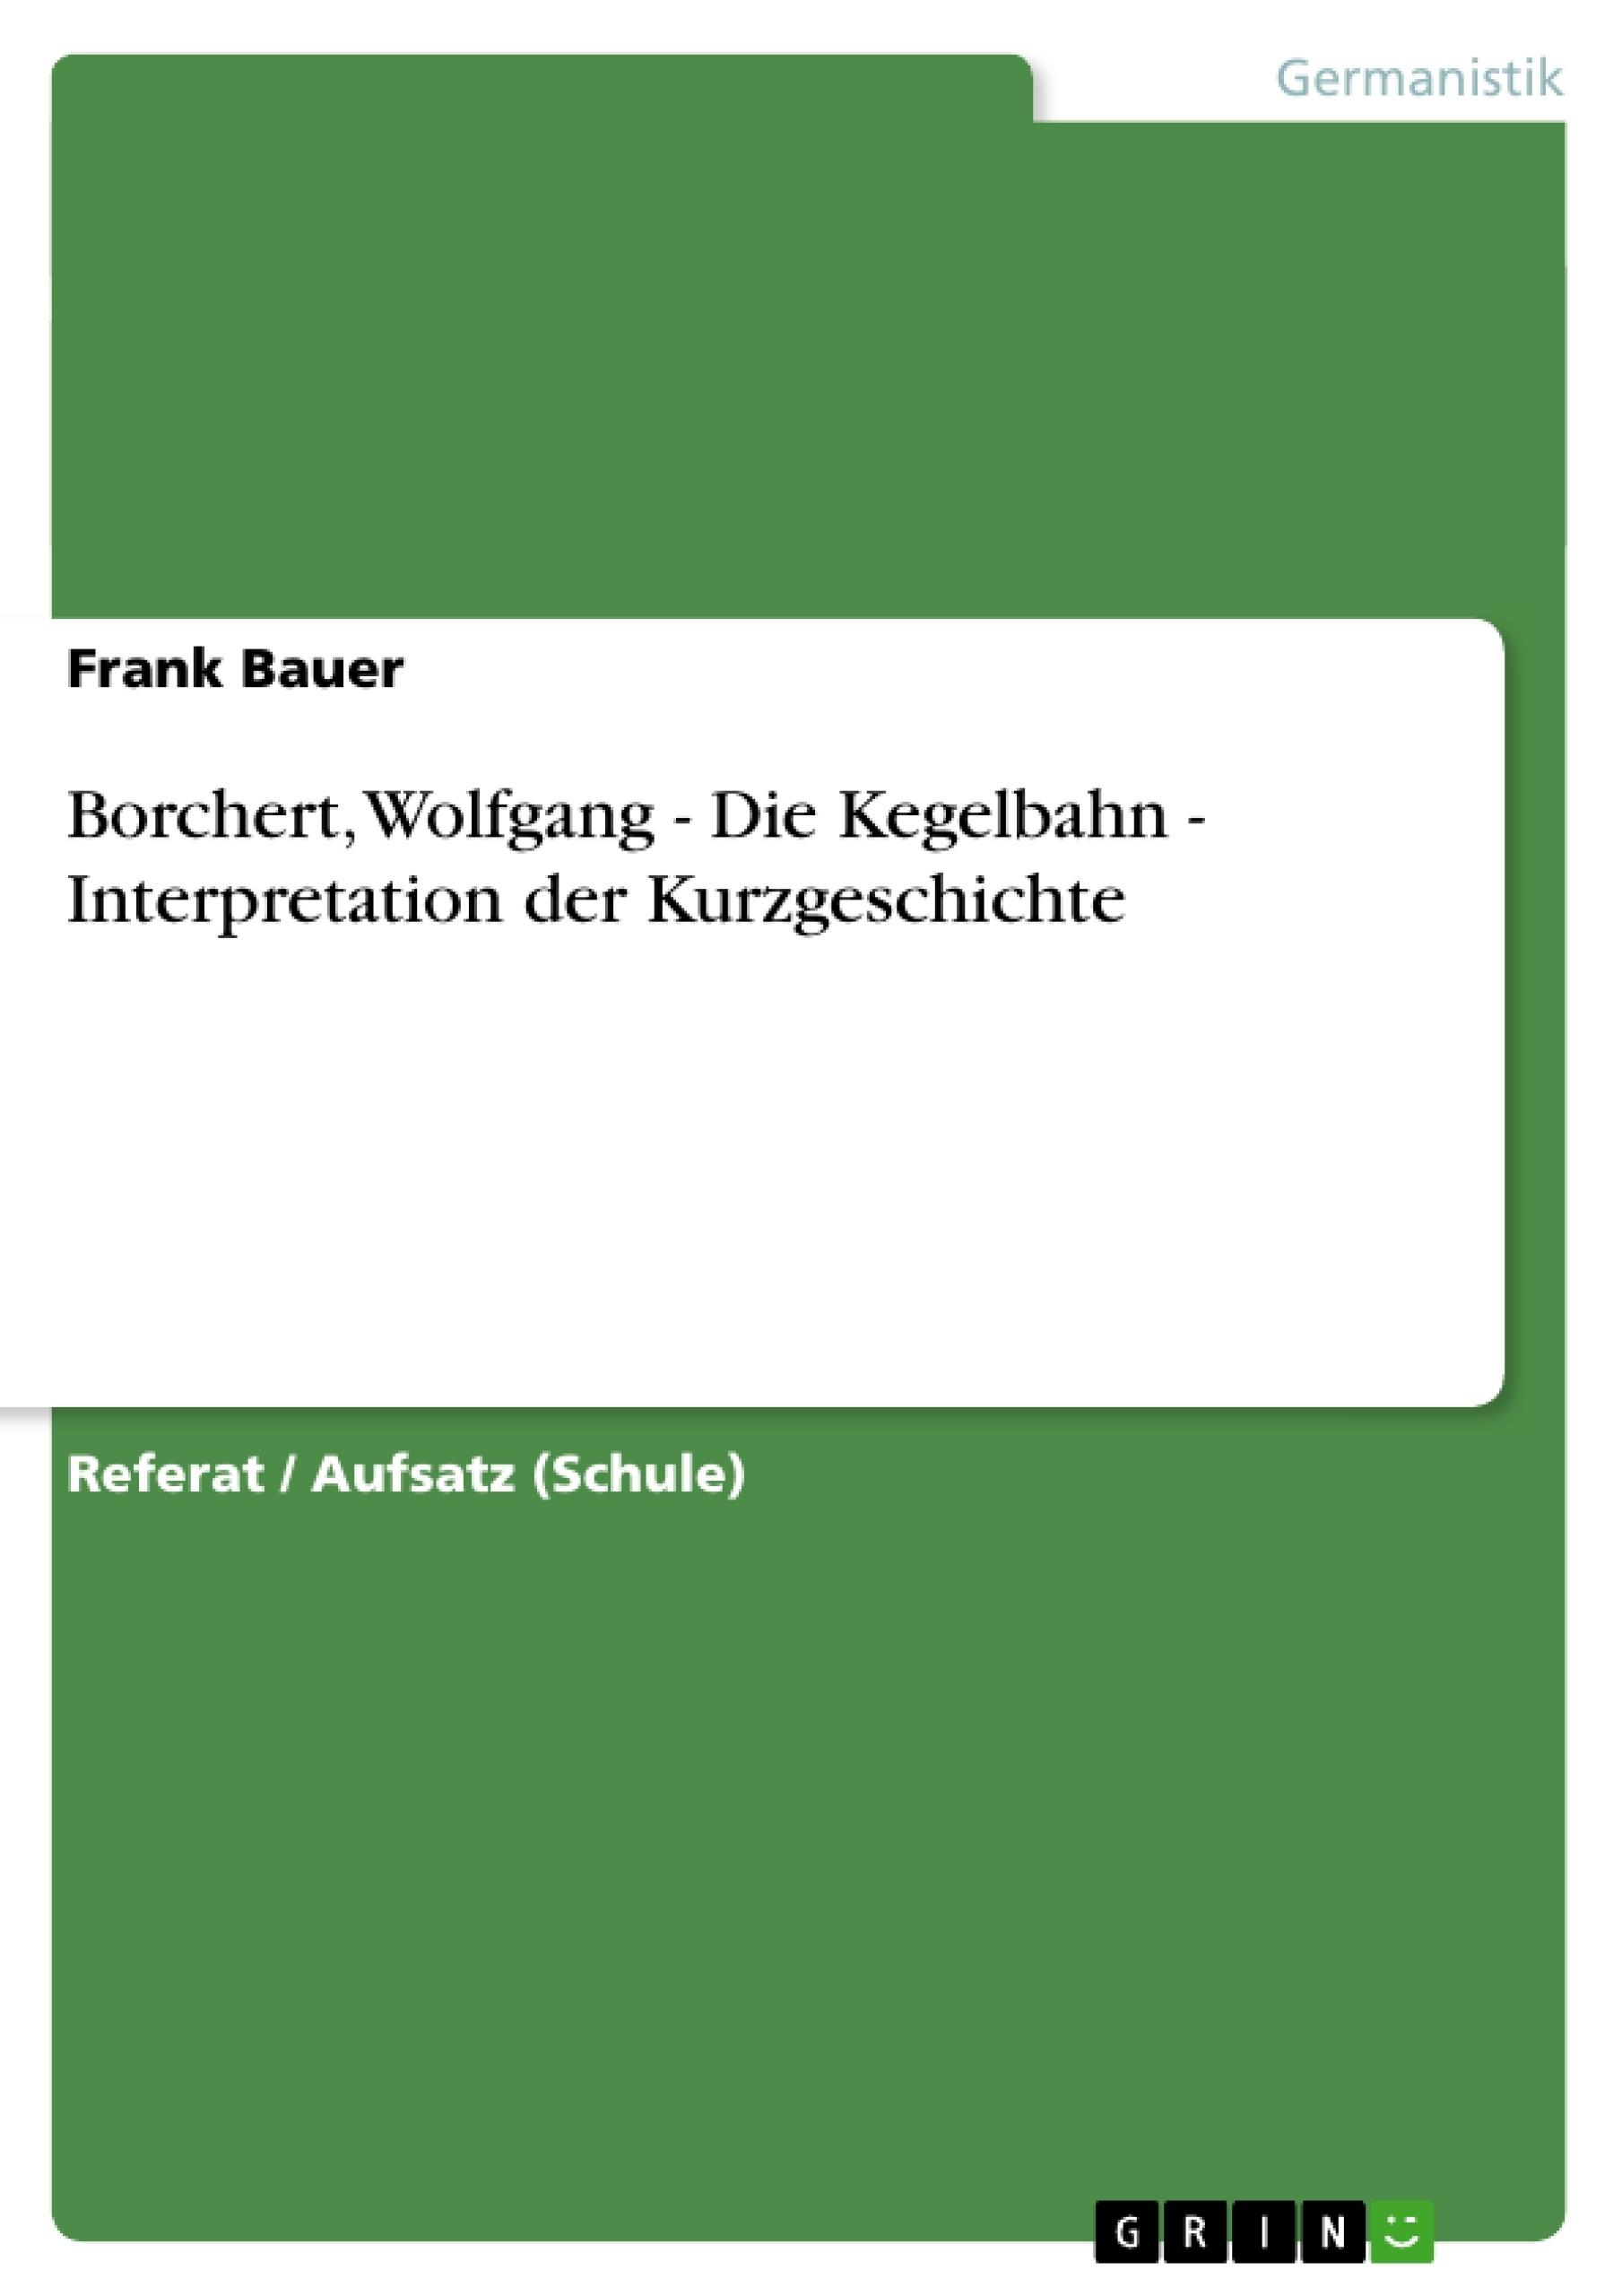 Titel: Borchert, Wolfgang - Die Kegelbahn - Interpretation der Kurzgeschichte